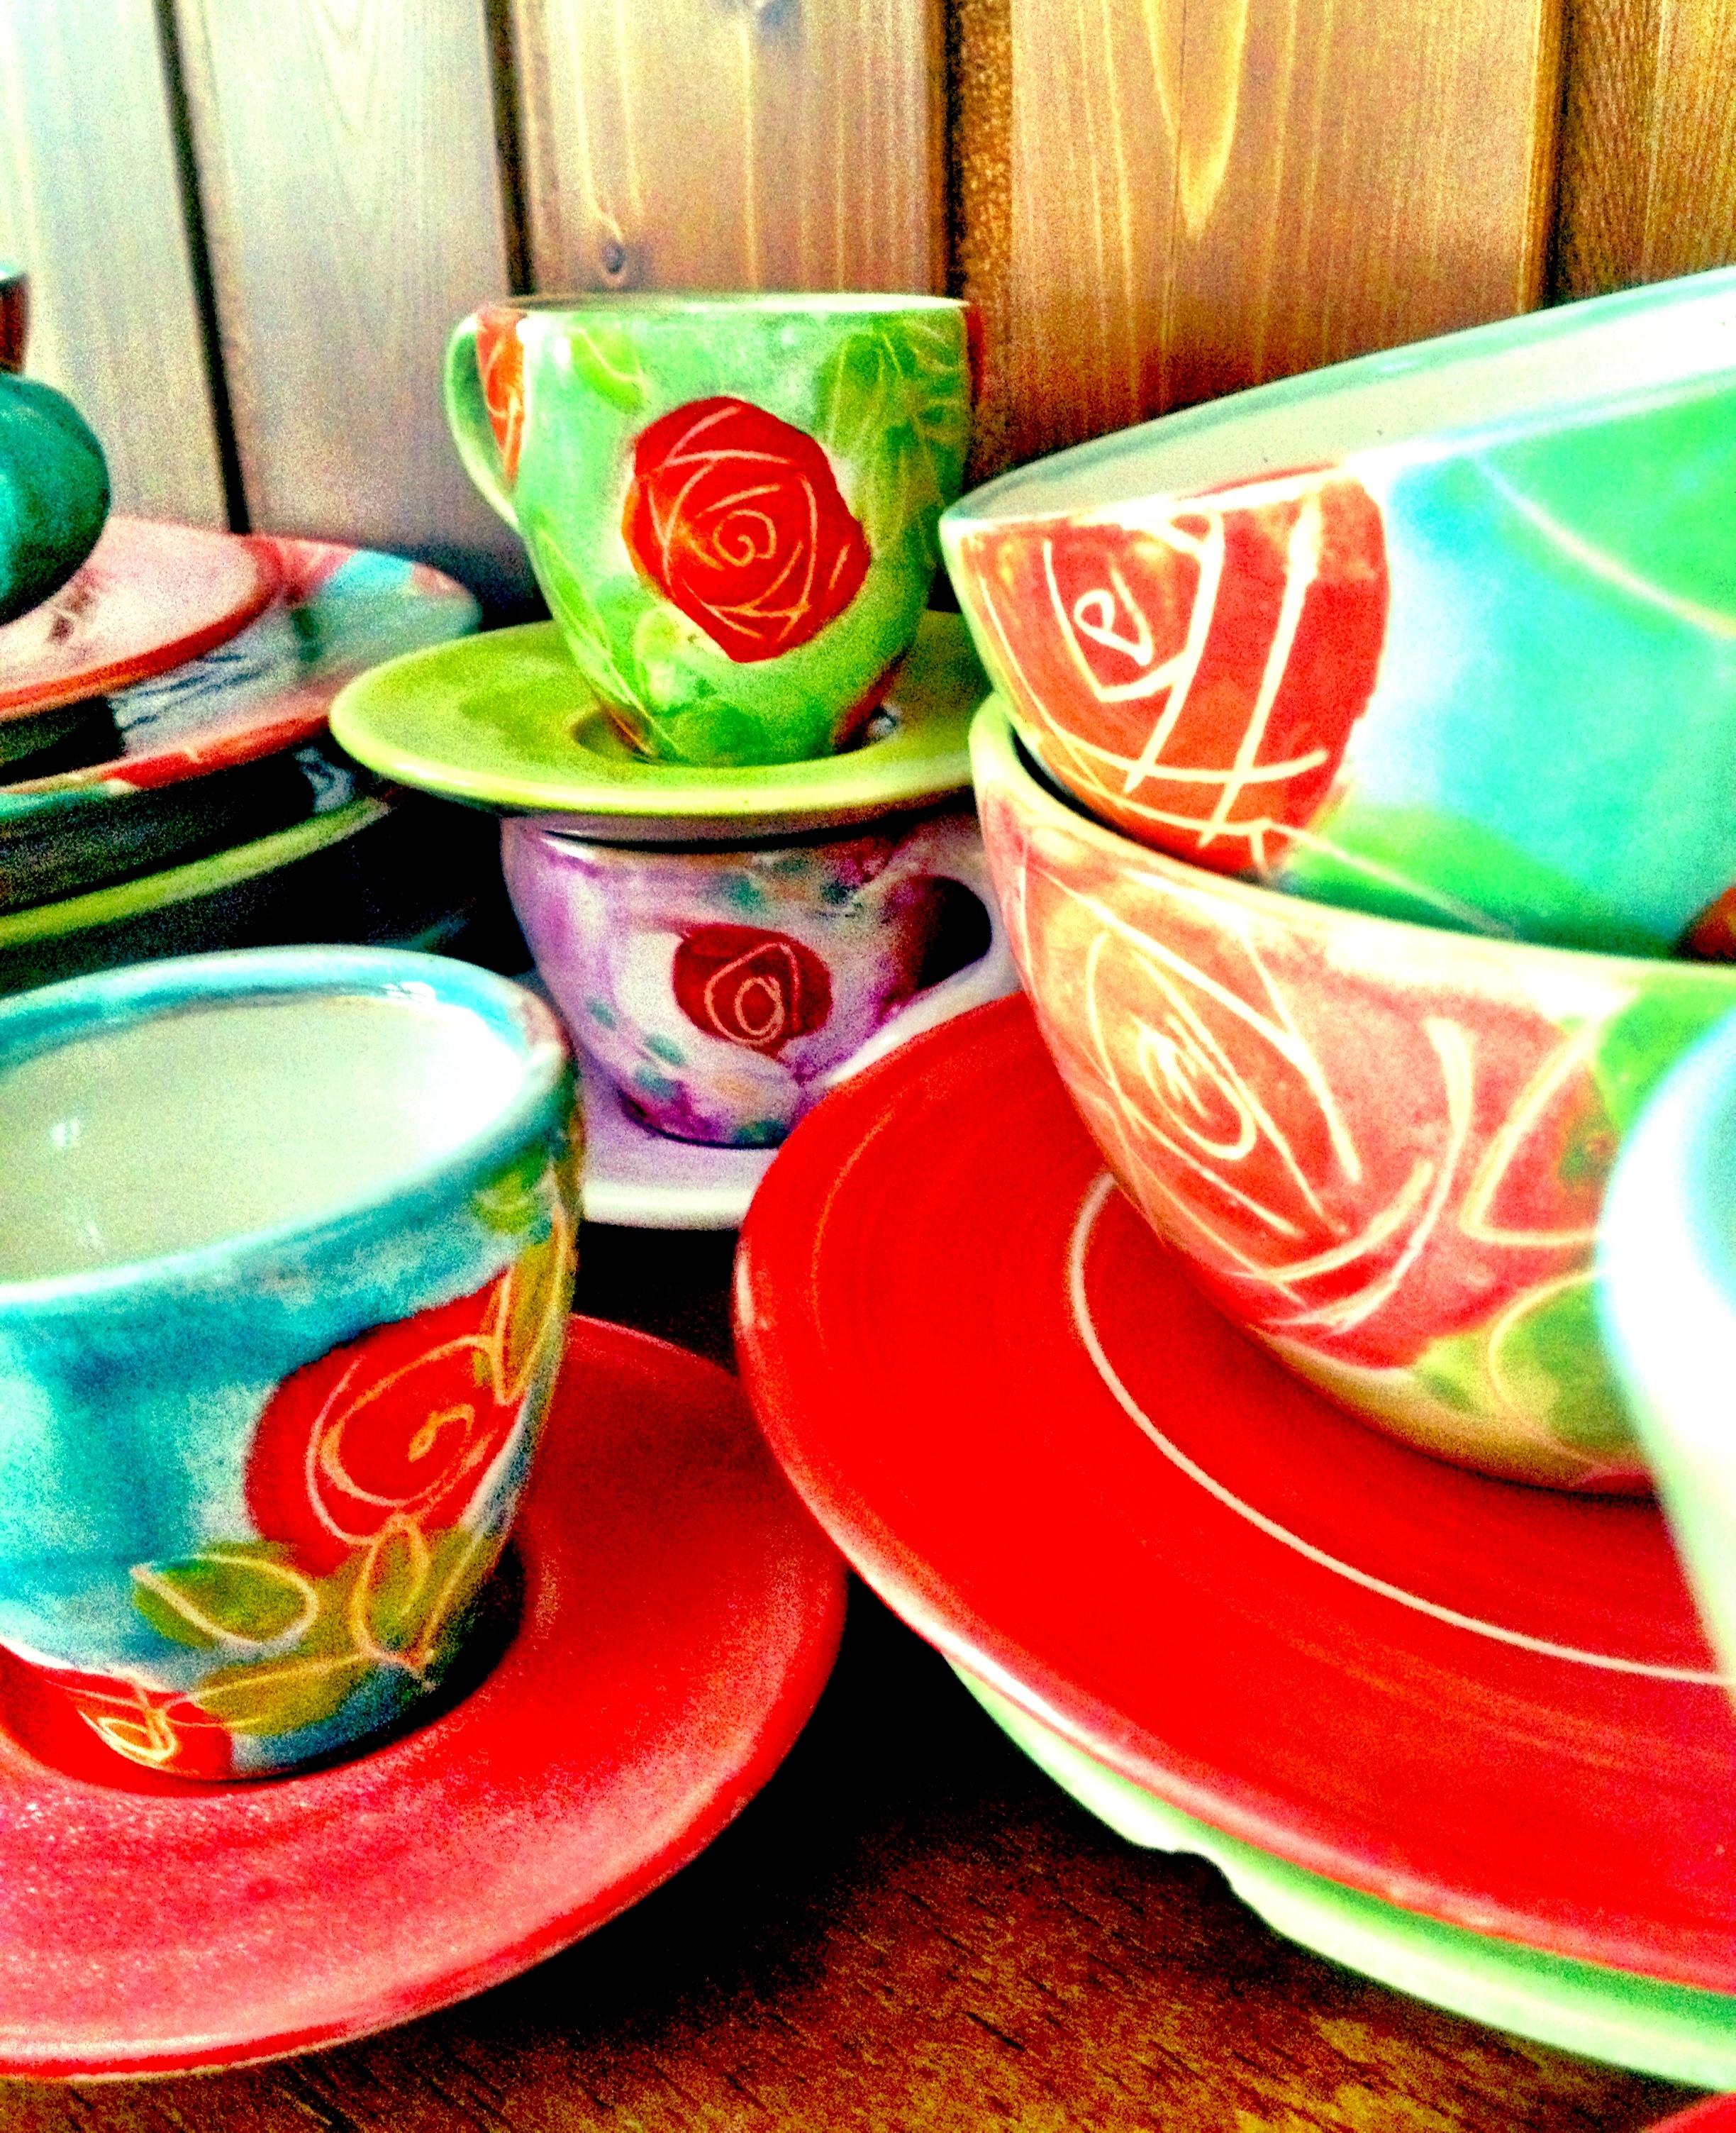 Und diese wunderschönen Tassen von der Keramikkünstlerin Susanne Altzweig habe ich auch von ihr. Ich habe heute Tee daraus getrunken und daran gedacht, wie sie im Geschirrschrank meiner Mutter aussahen. Wunderschön.